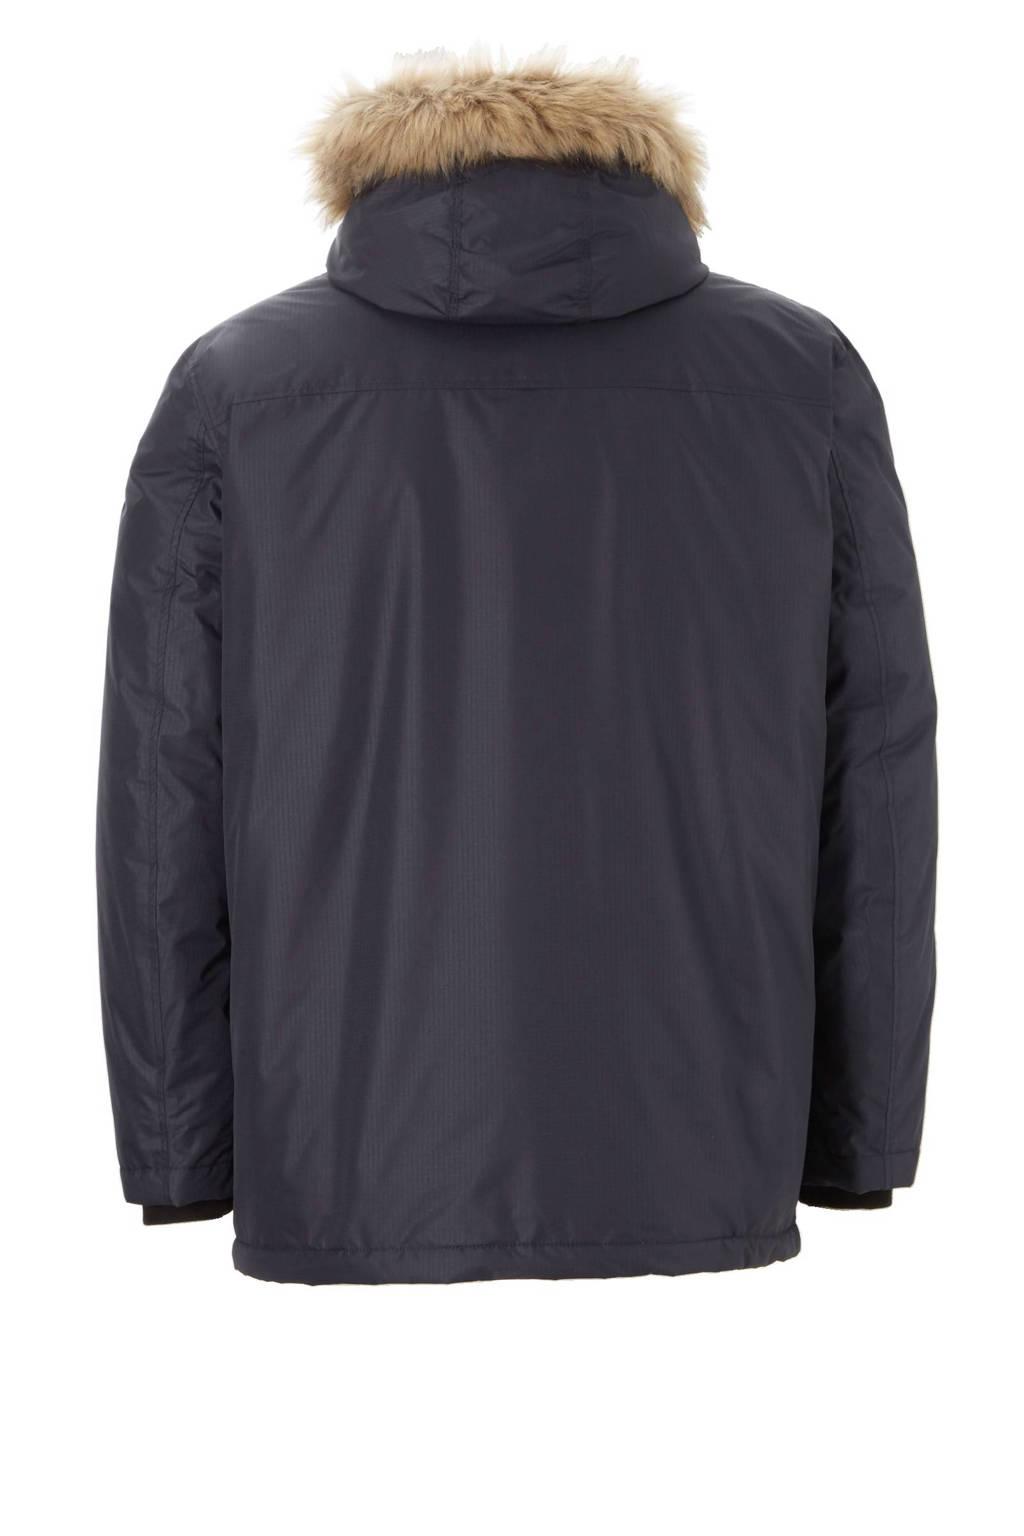 C&A XL Canda winterjas, Grijsblauw